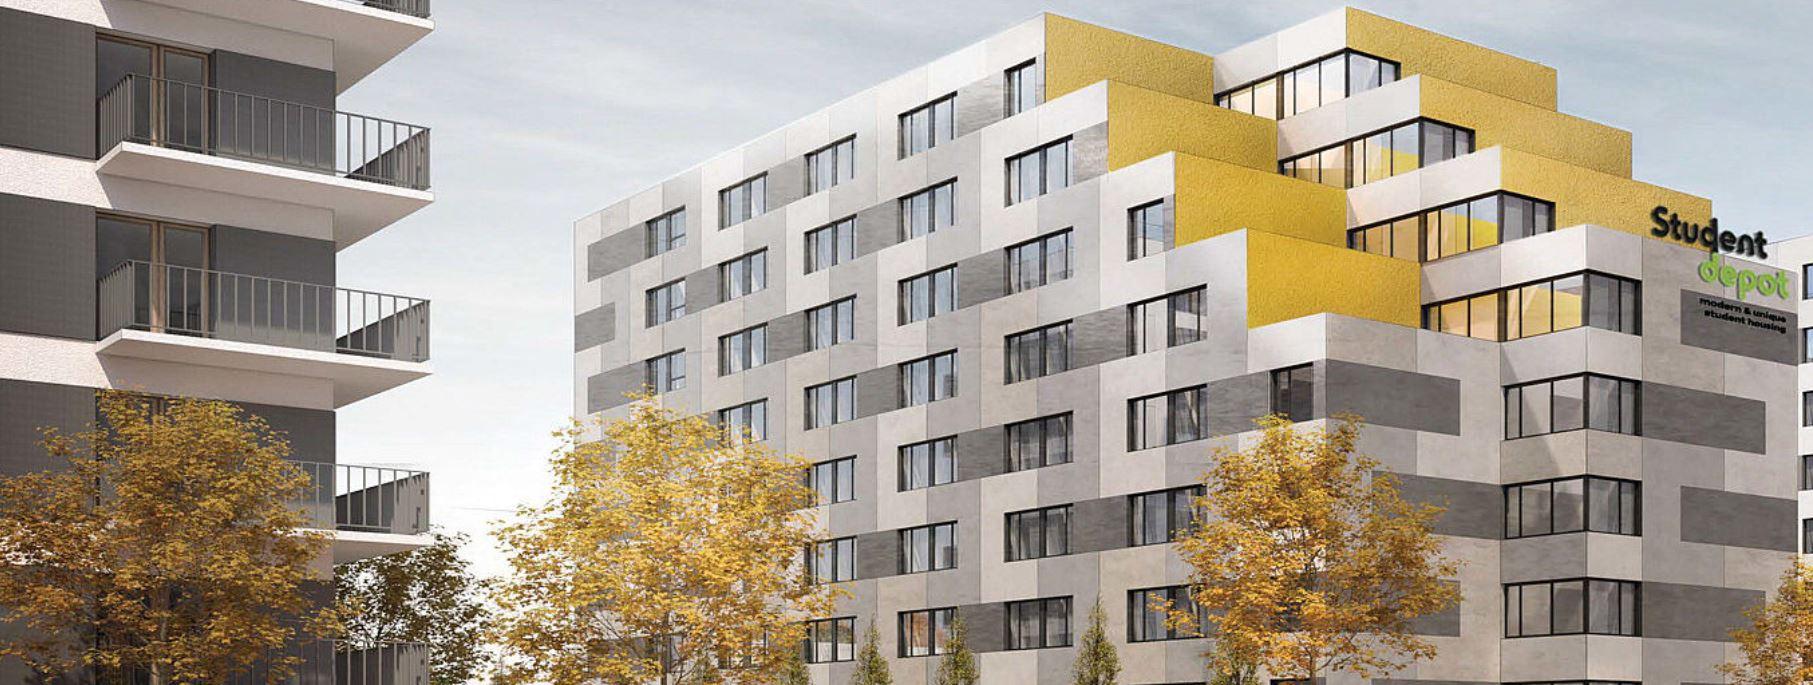 1 trong các tòa nhà hiện đại mới được trường đầu tư